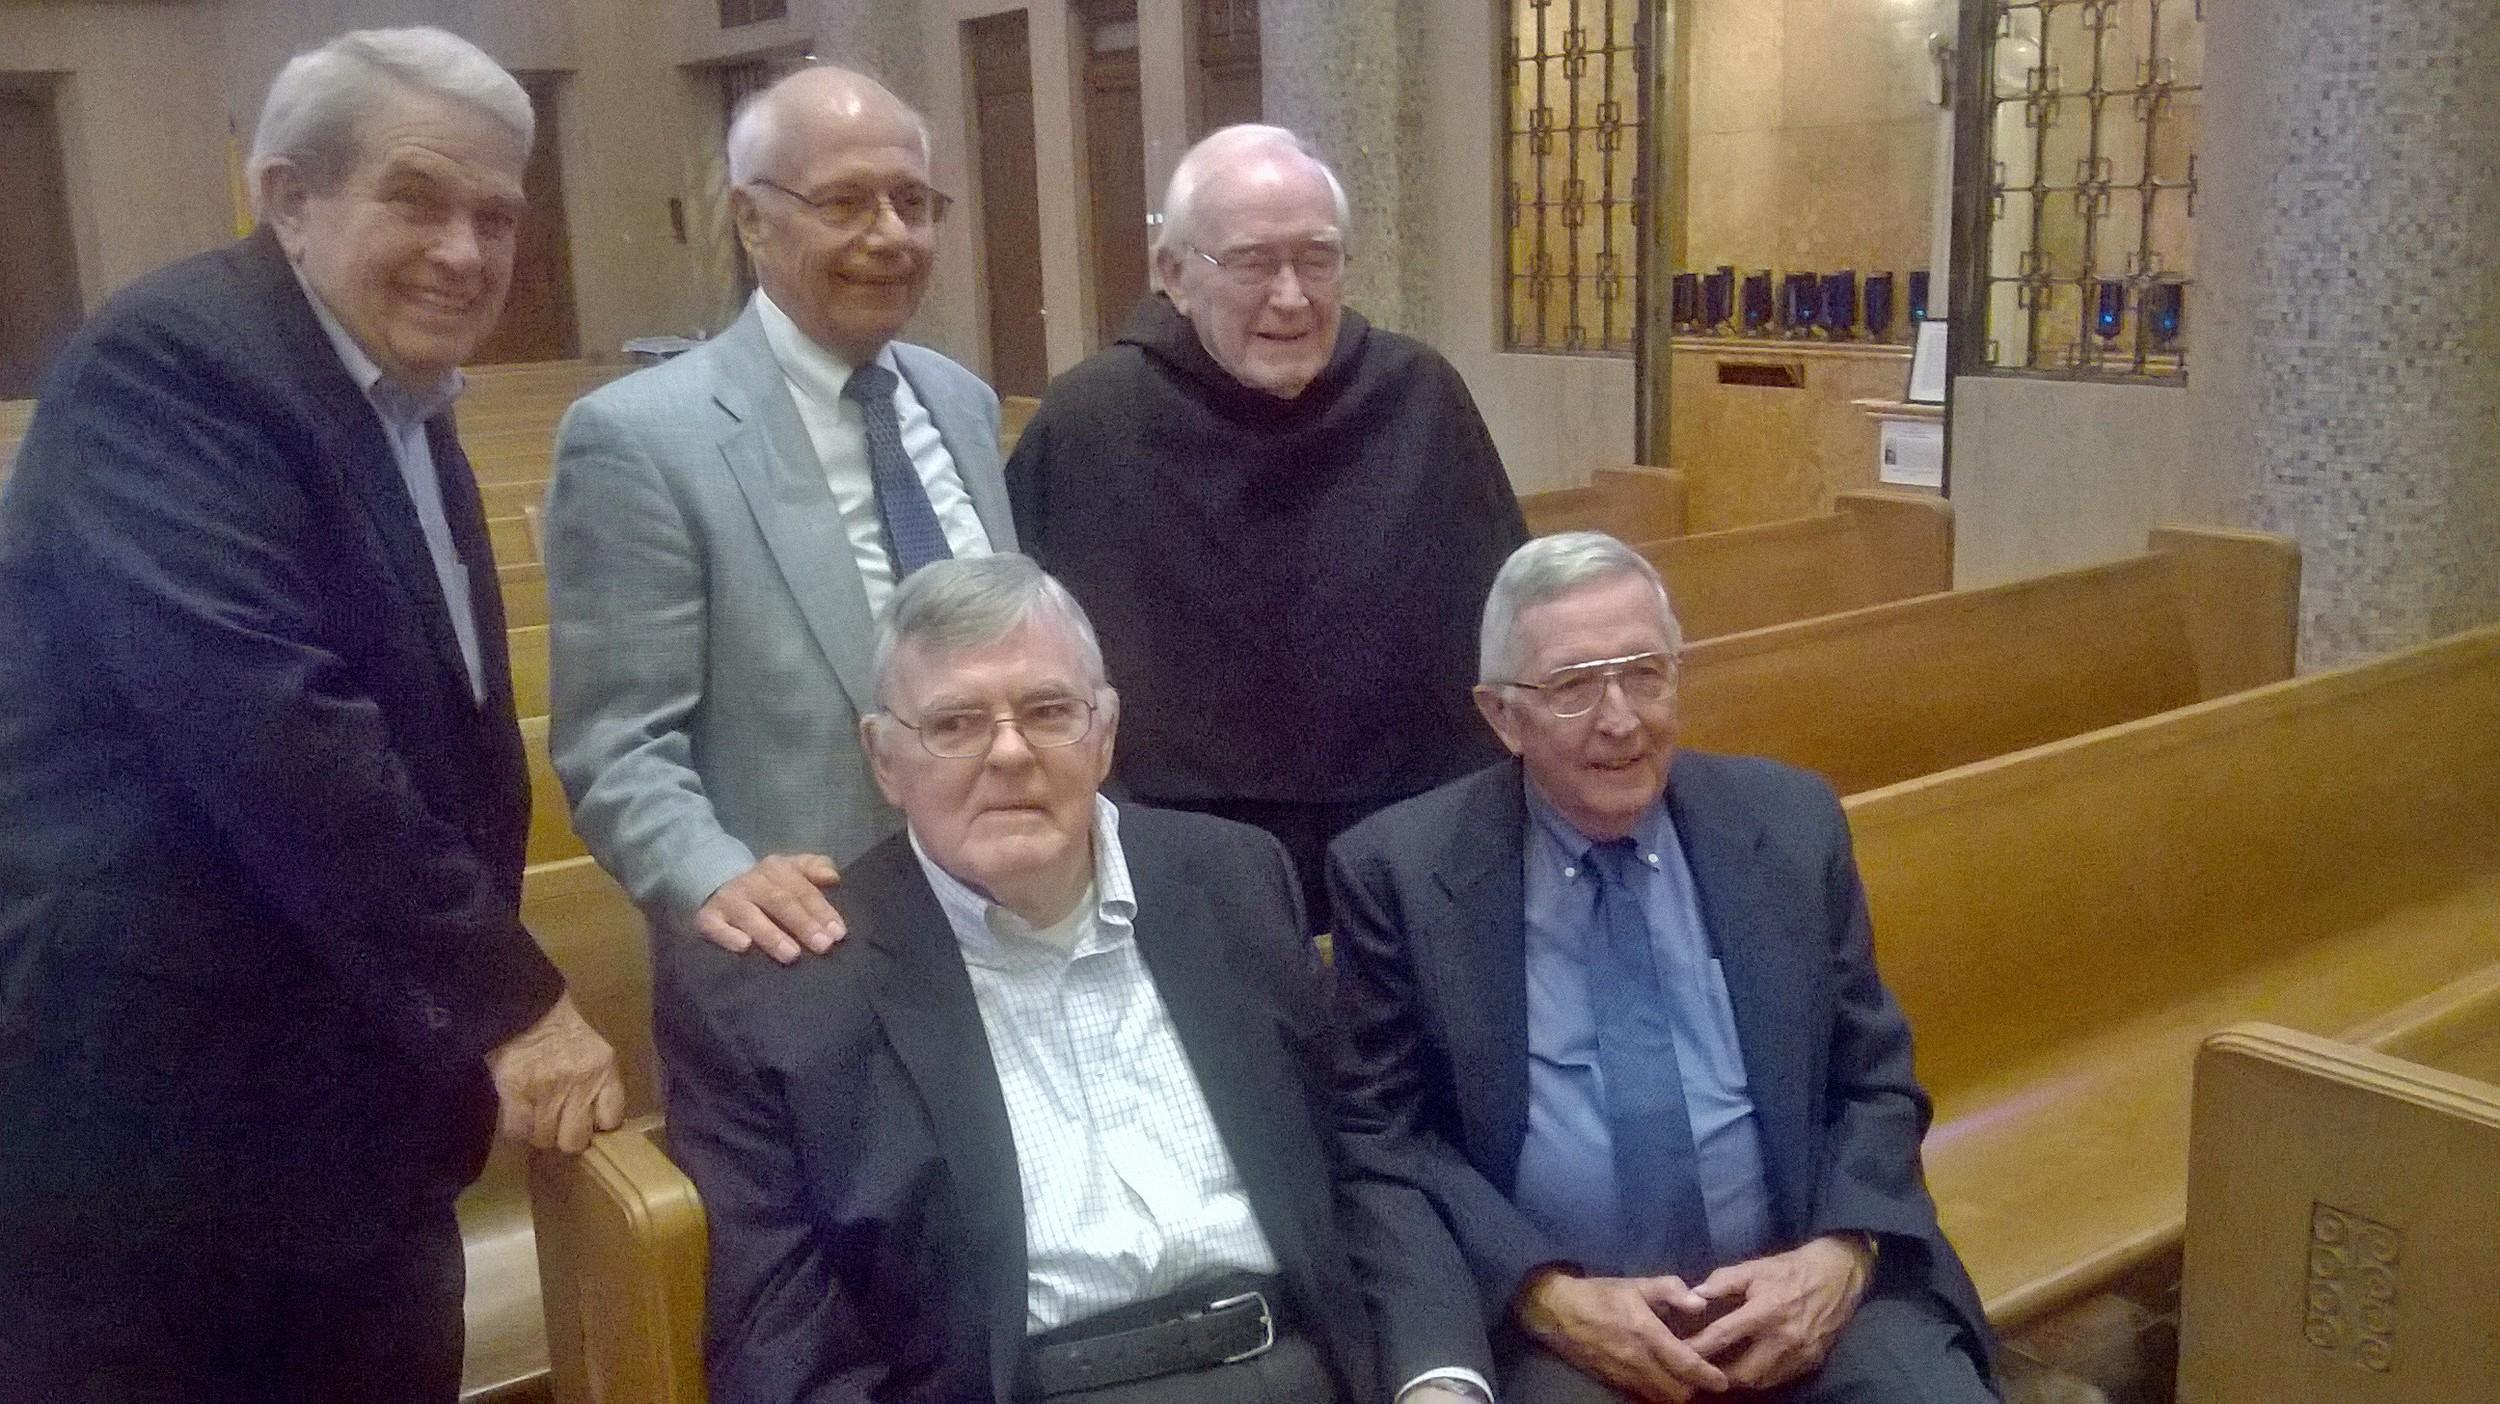 Photos from Fr. David Brecht's Funeral